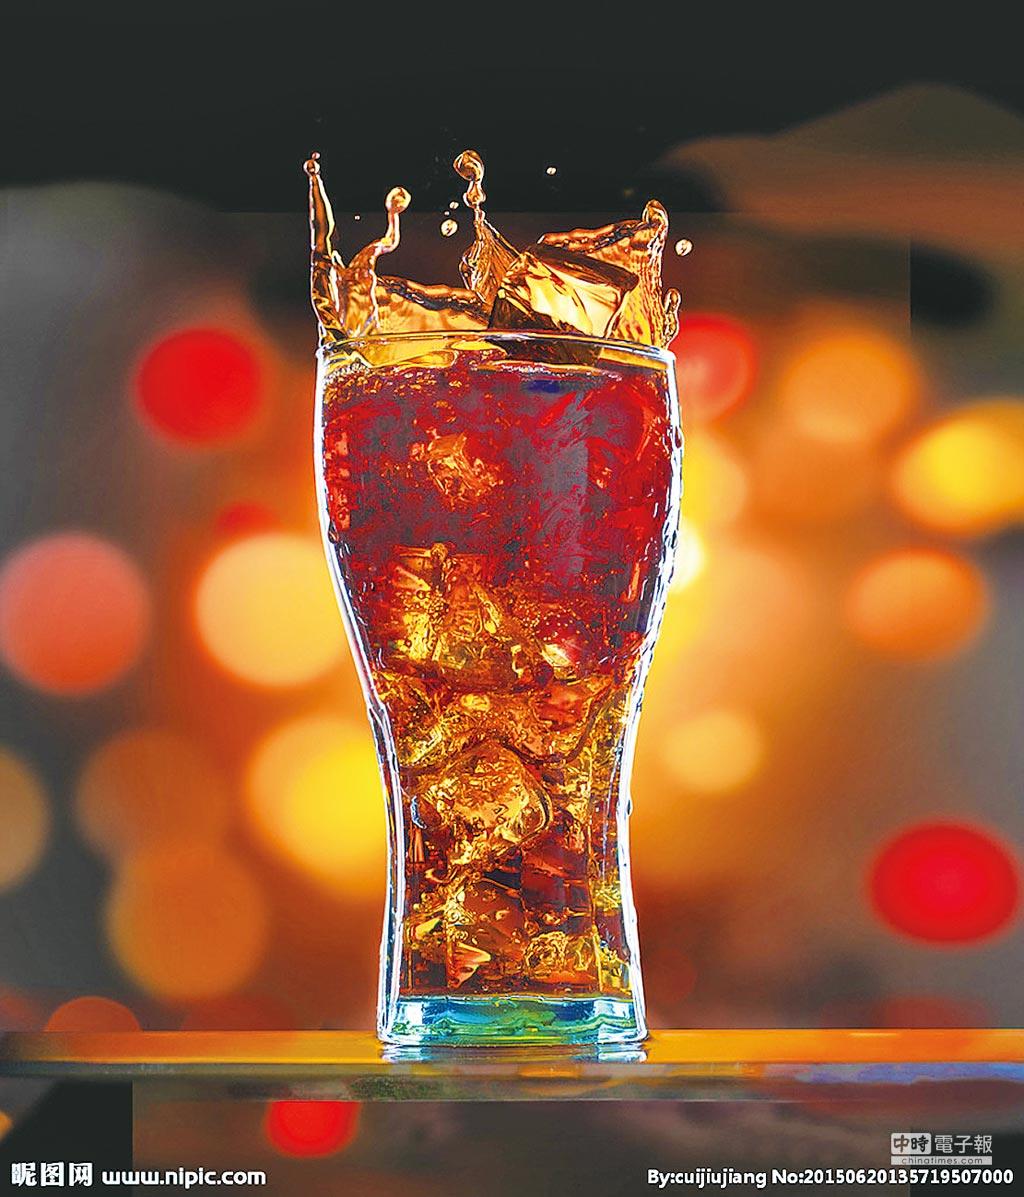 零卡可樂成糖尿病患與瘦身男女的新寵。(取自昵圖網)